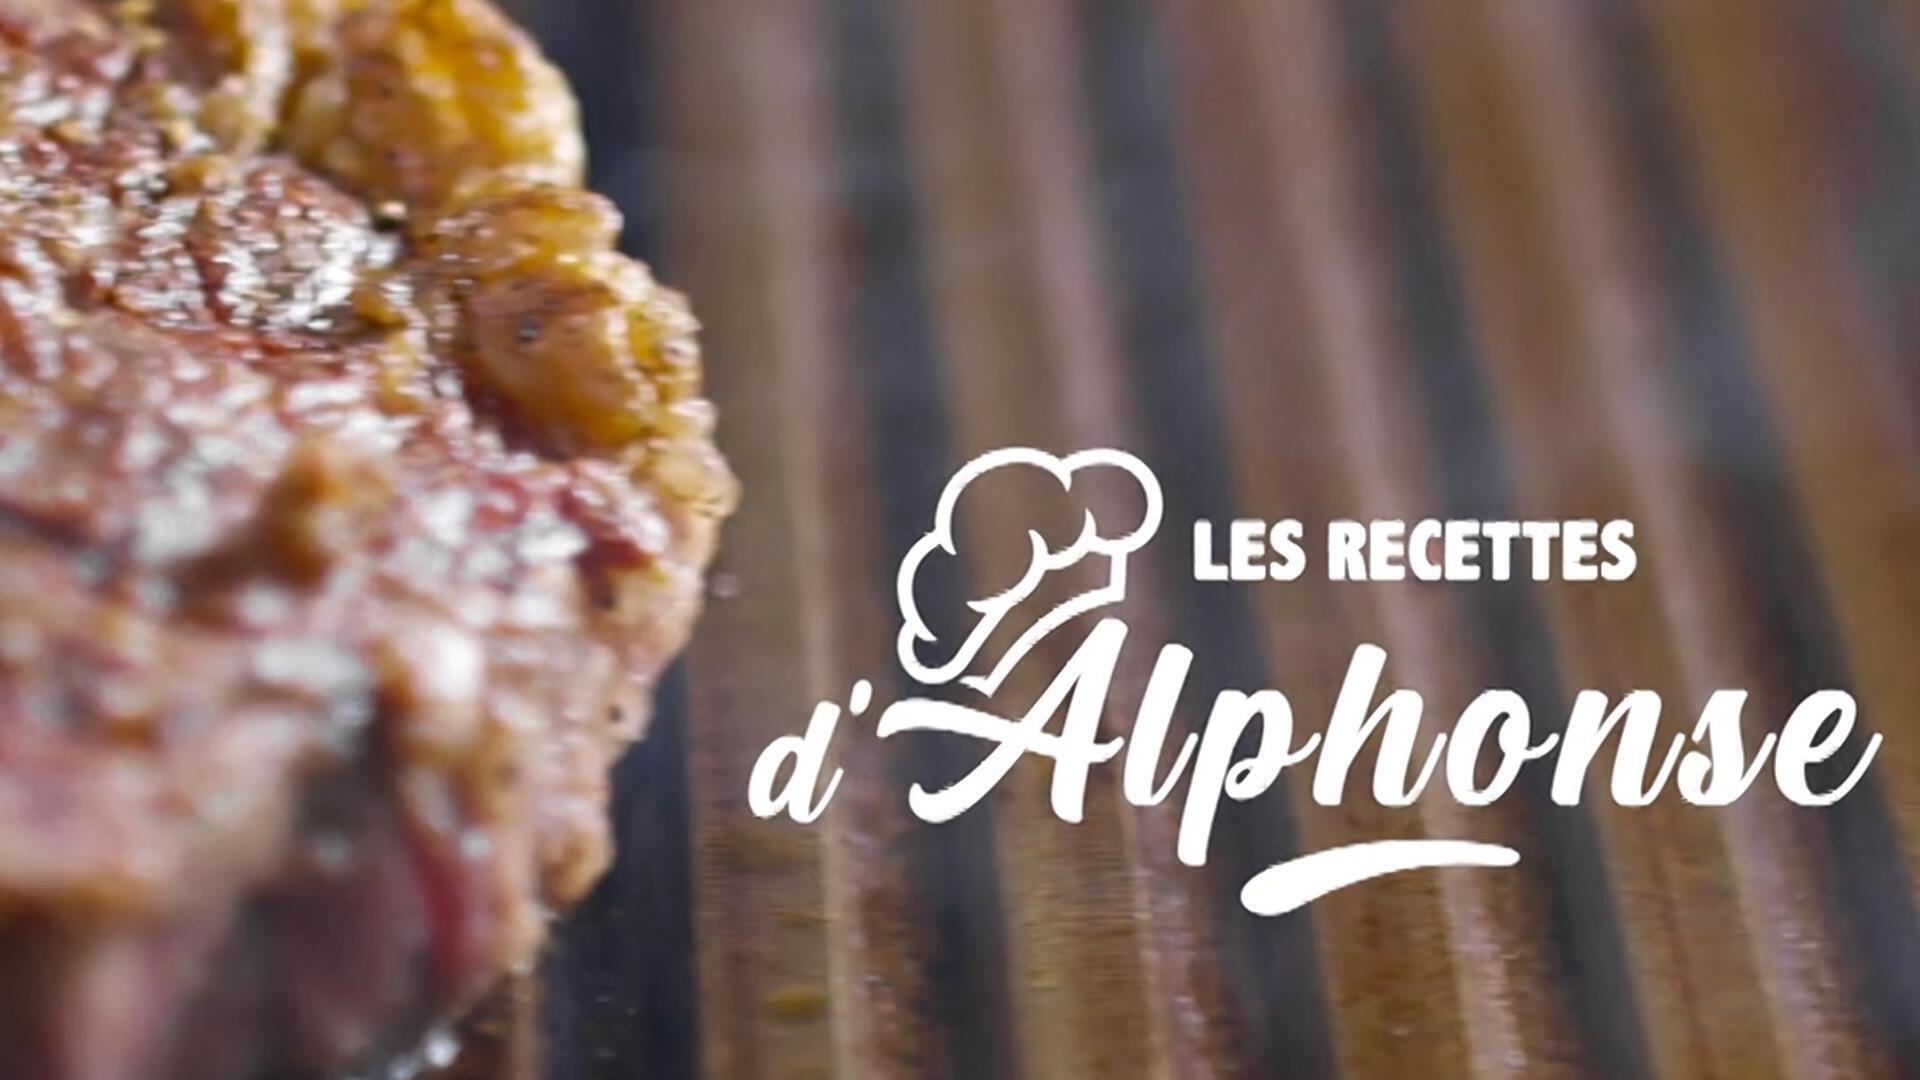 Recettes d'Alphonse